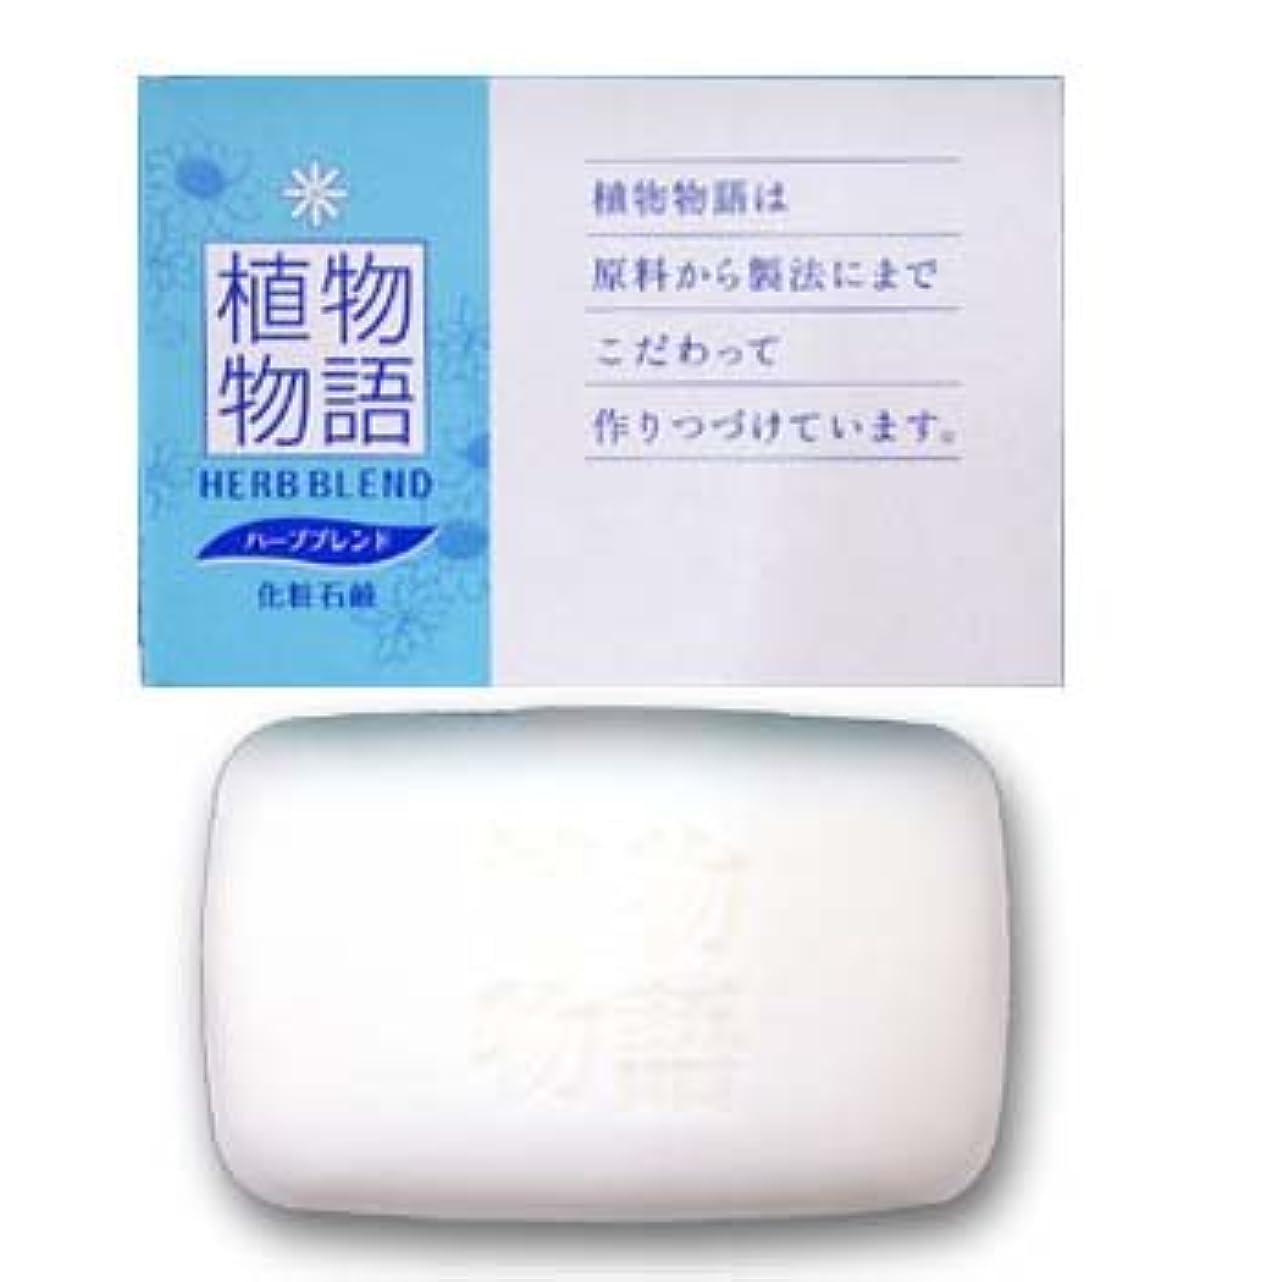 努力する公使館百LION 植物物語石鹸80g化粧箱入(1セット100個入)